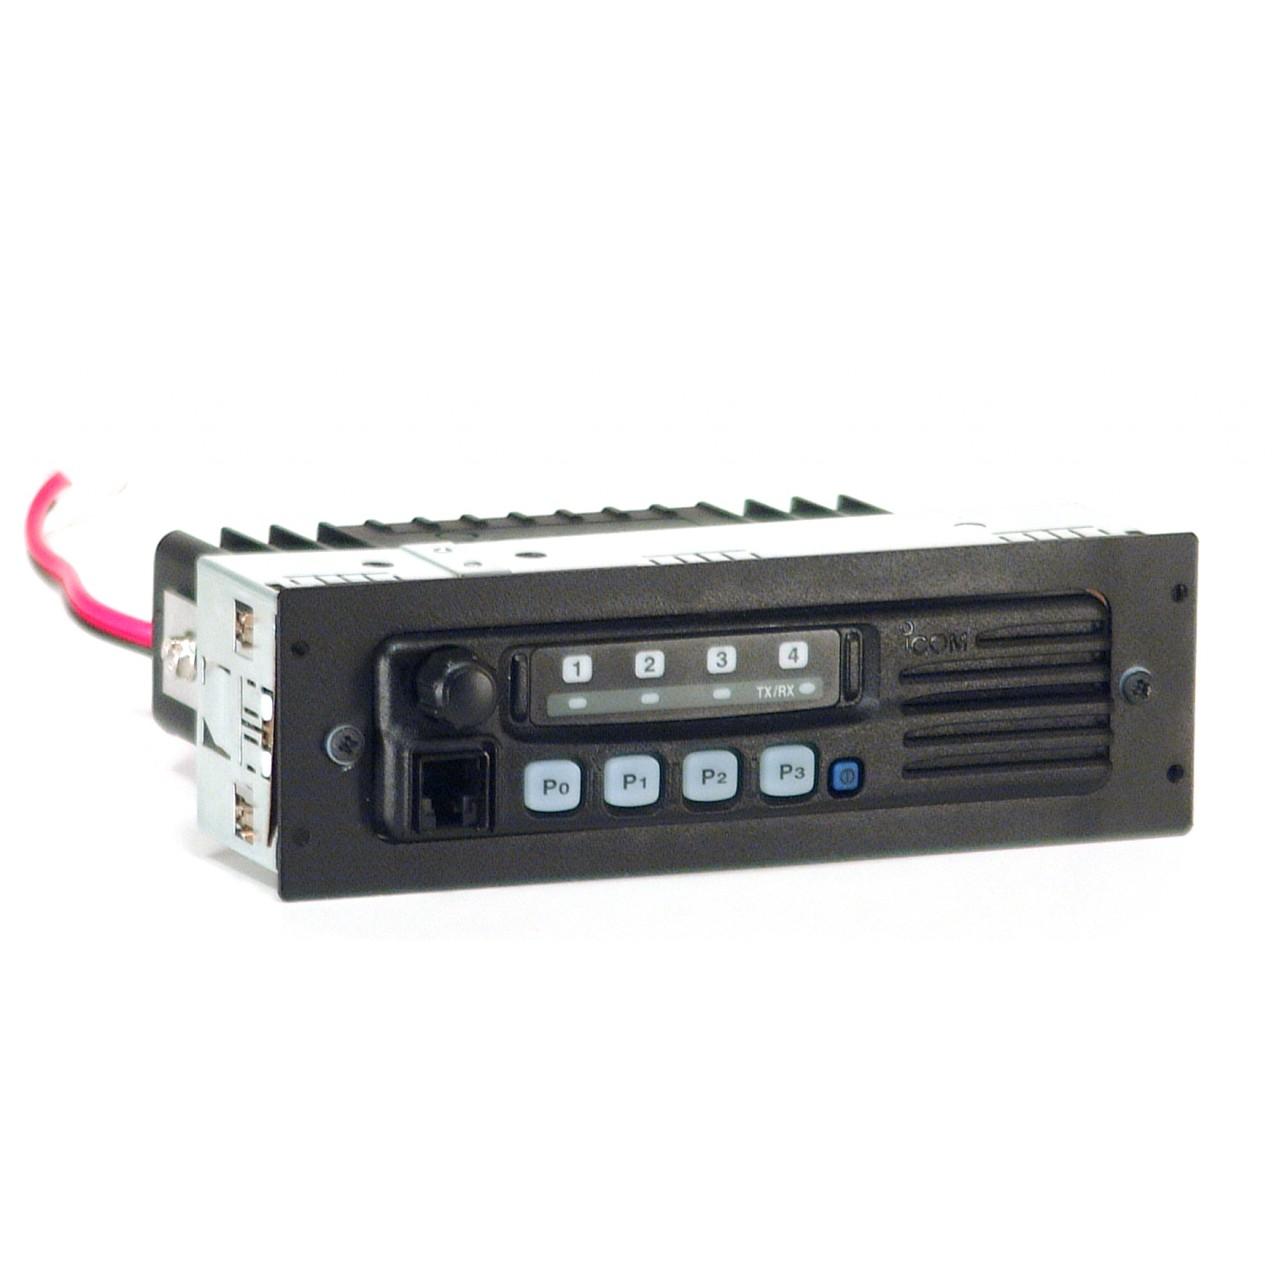 MB-SRS110 Housses, systèmes d'attache et berceaux - ICOM